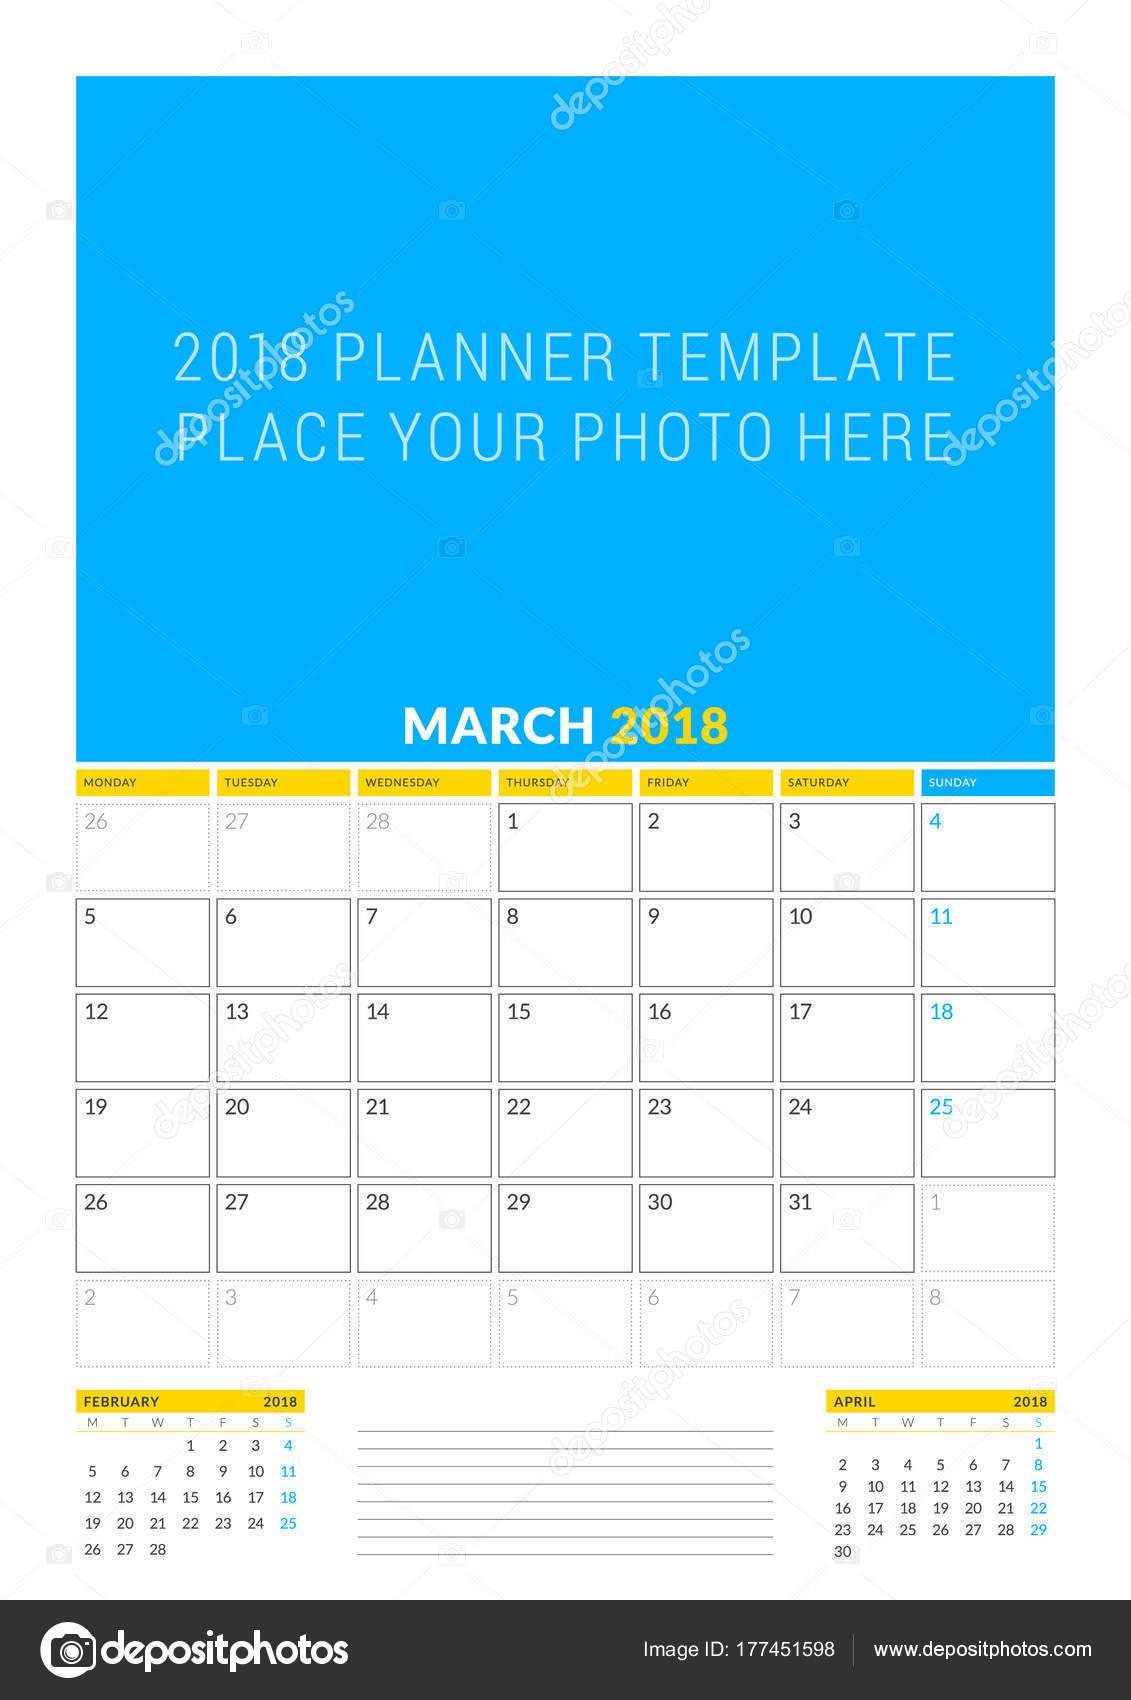 Groß März Kalendervorlage Fotos - Beispielzusammenfassung Ideen ...